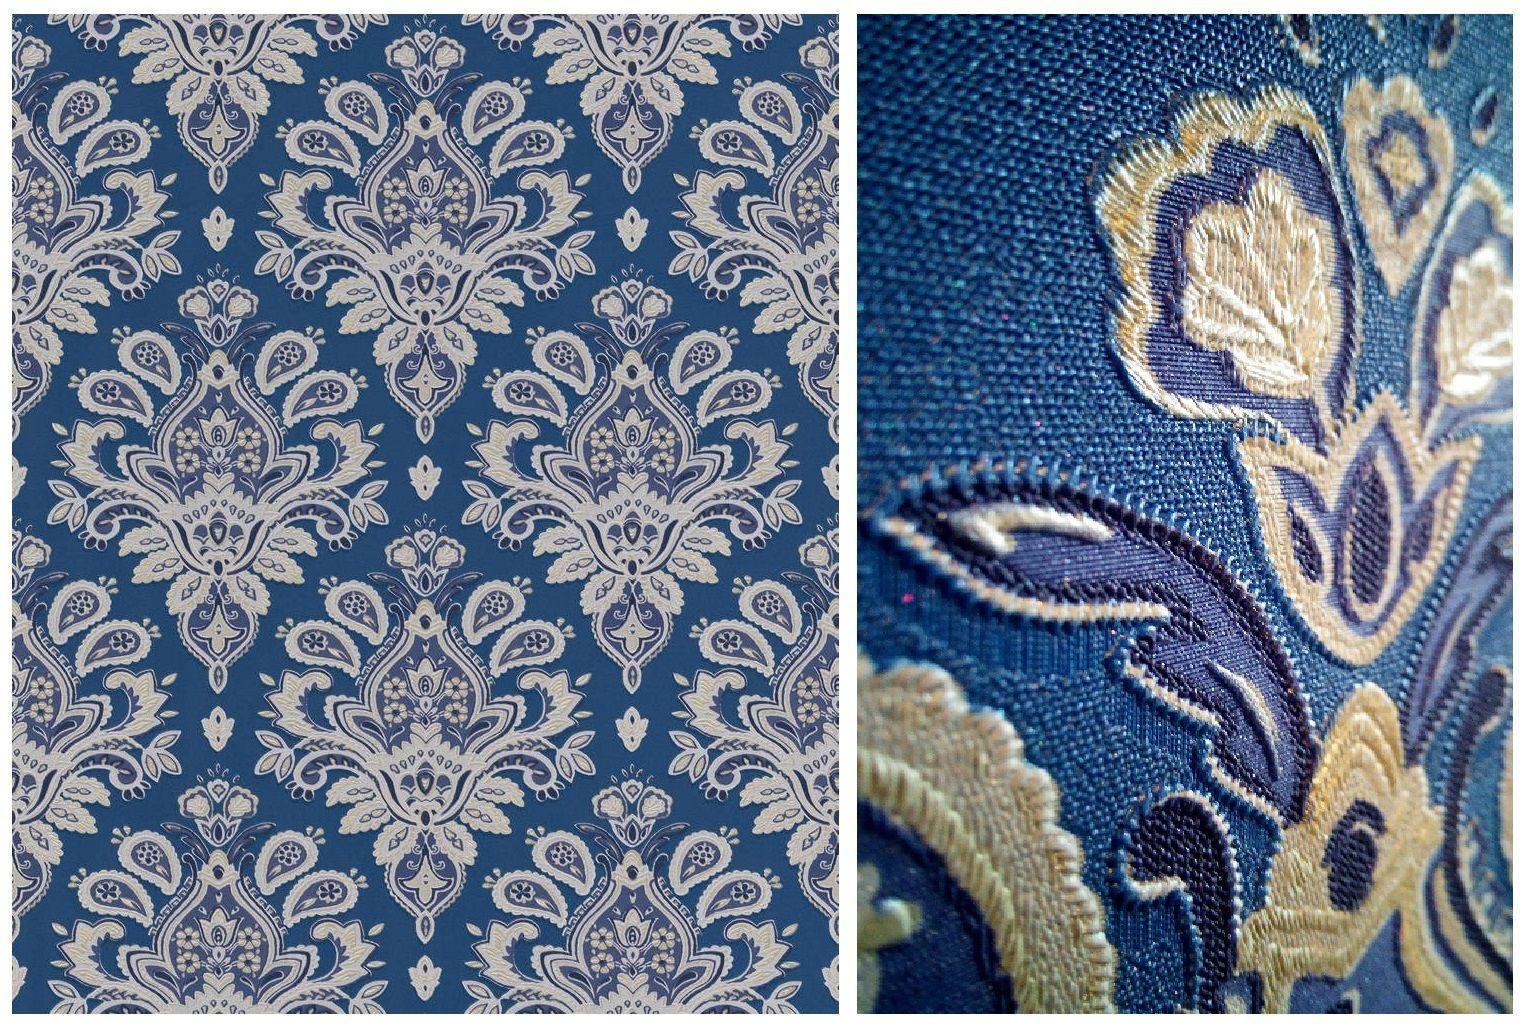 Tapeta Glamour Winylowa Zmywalna Tapety Scienne 7186694799 Oficjalne Archiwum Allegro Alexander Mcqueen Scarf